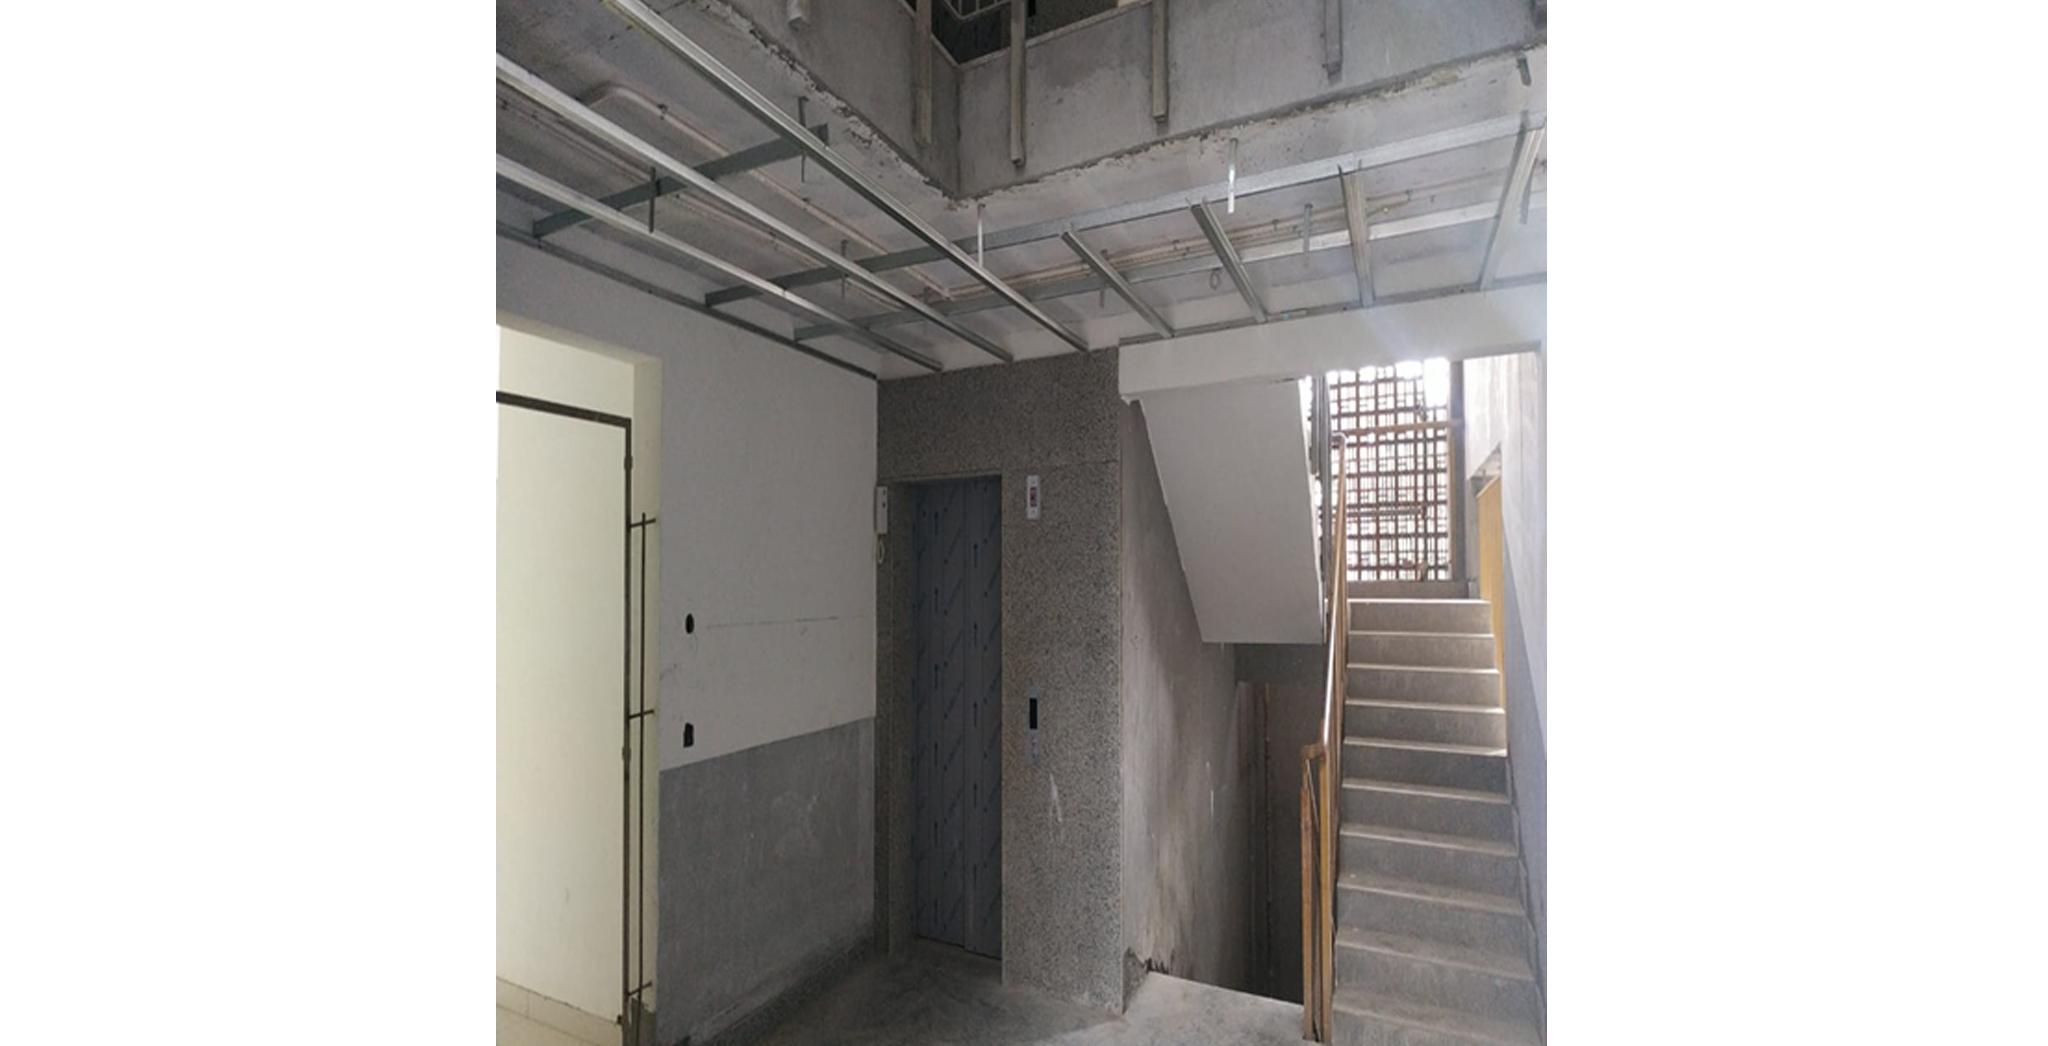 Aug 2021 - K Block: Lobby False ceiling work in progress